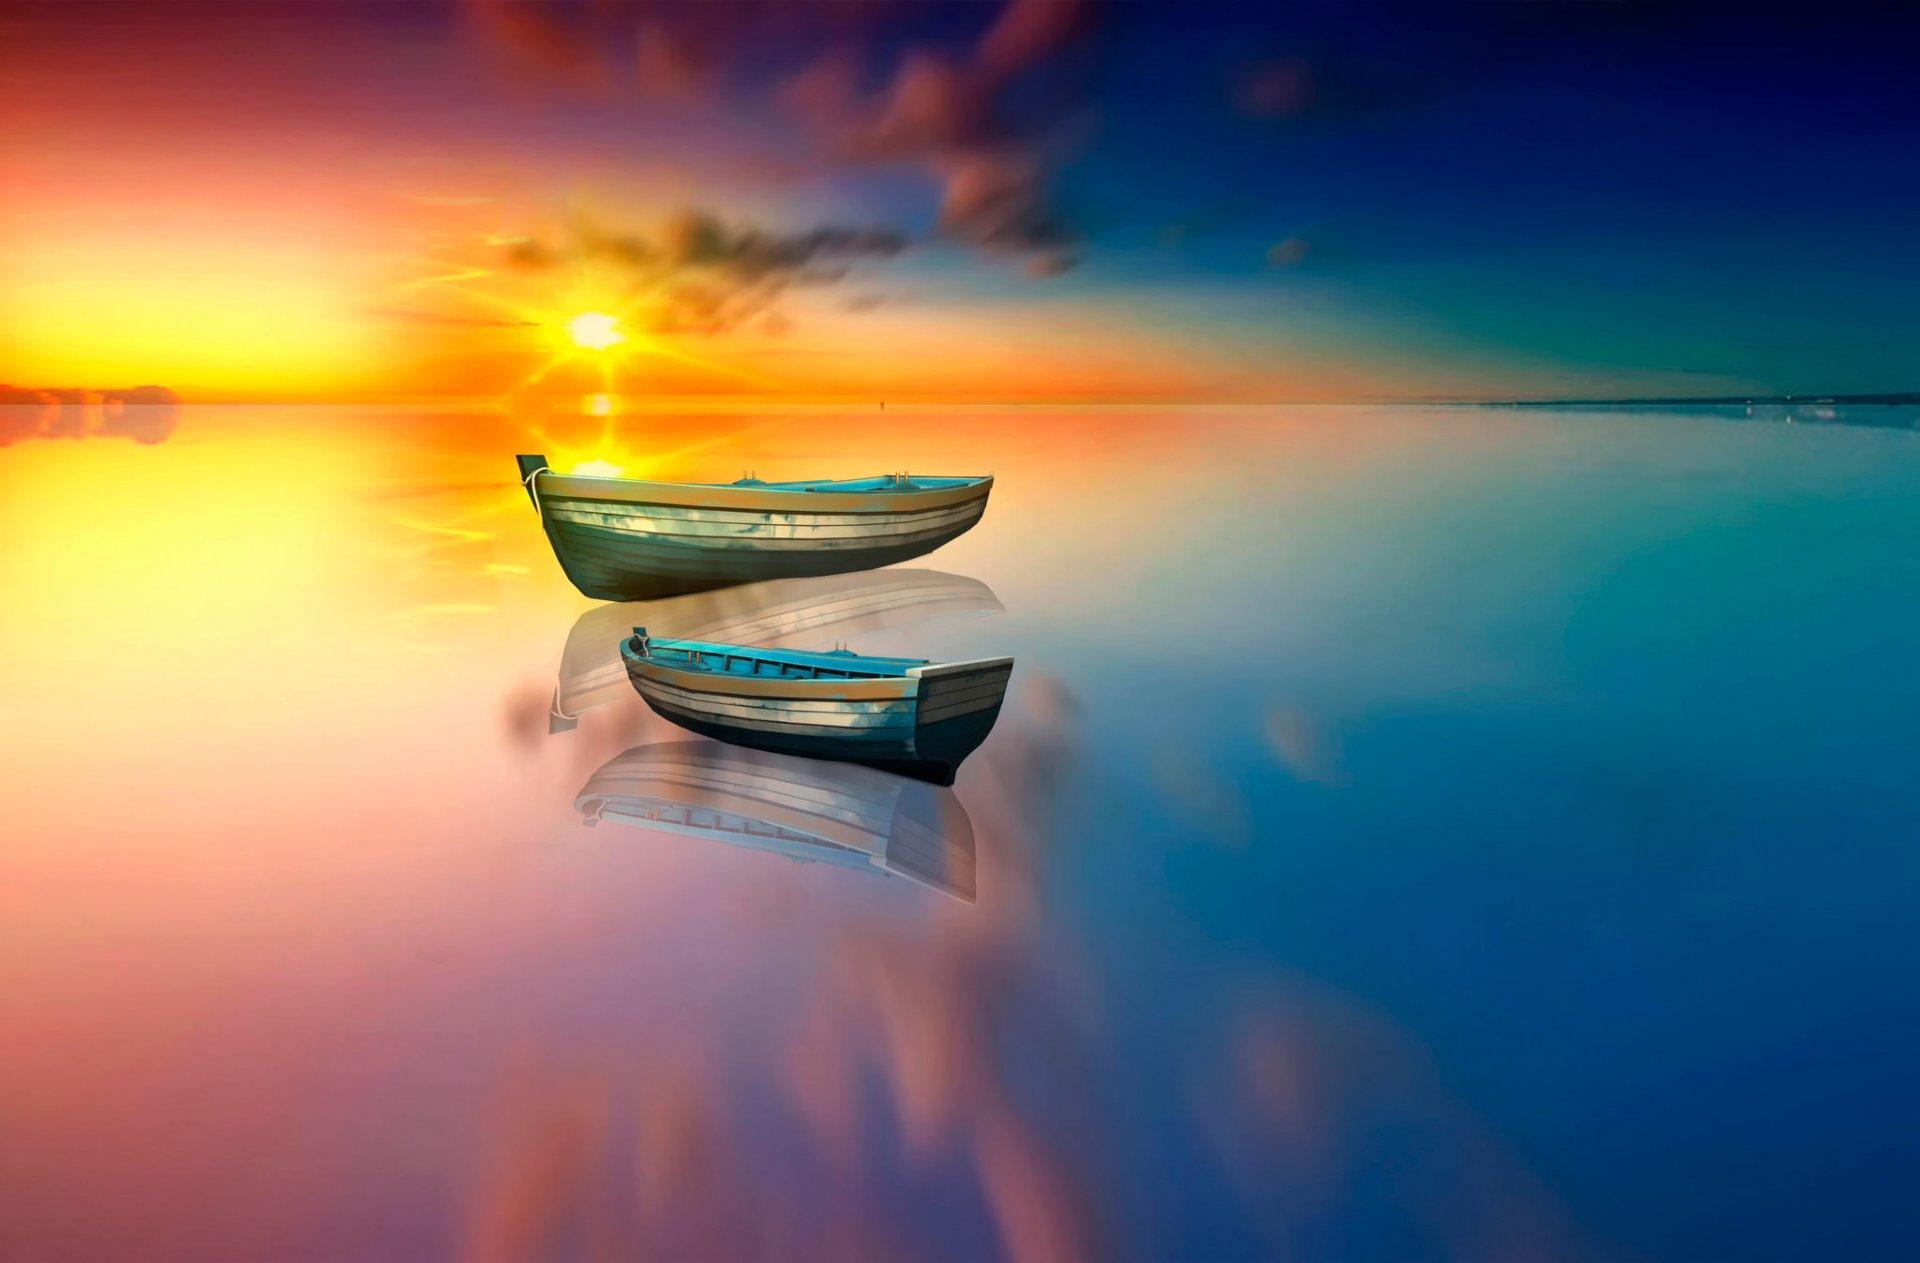 картинки на телефон лодка море нас можете